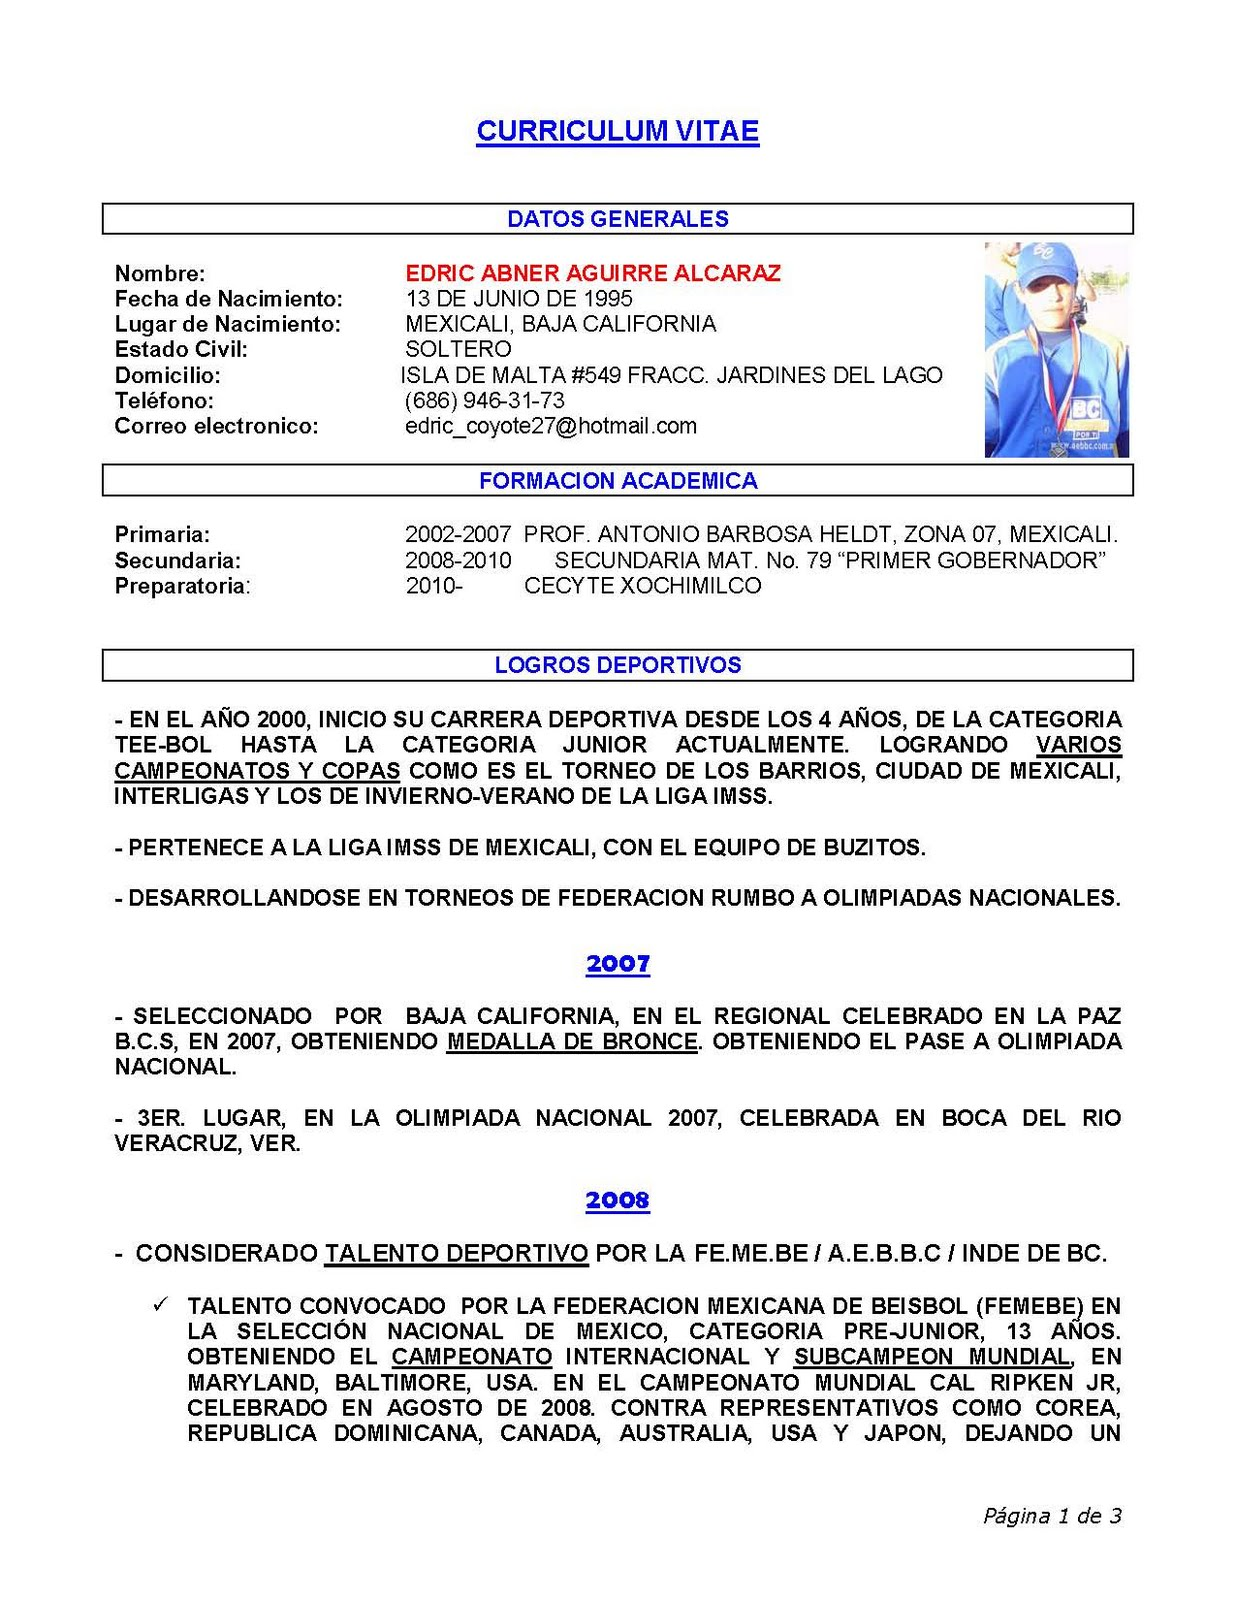 Mexicali Beisbol: EDRIC ABNER AGUIRRE ALCARAZ CONVOCADO A SELECCION ...